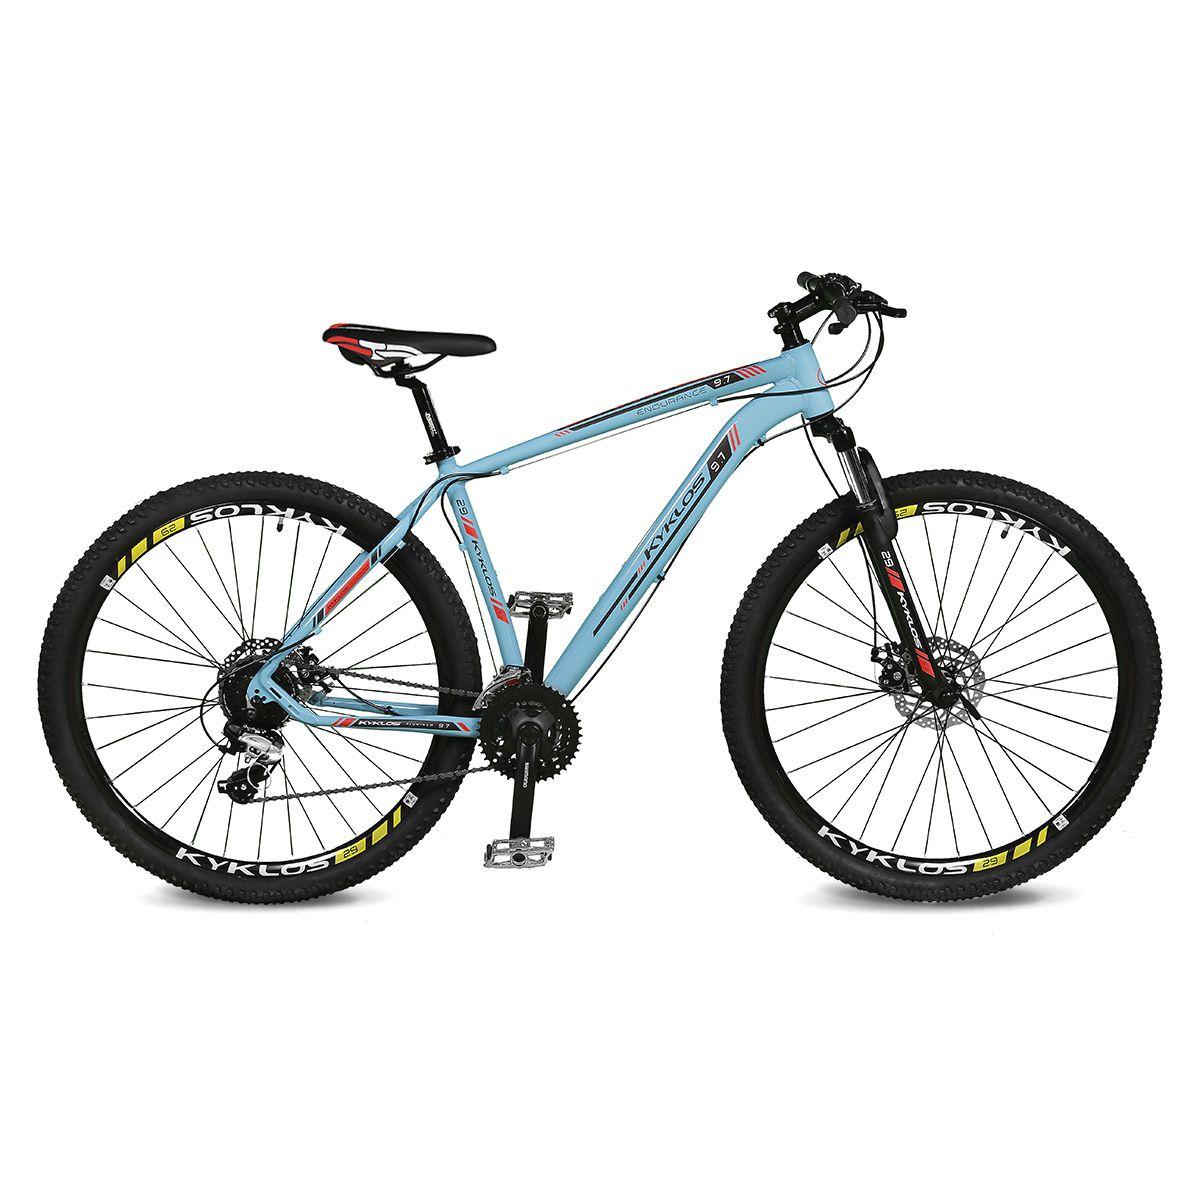 Bicicleta Kyklos Aro 29 Endurance 9.7 24V Freio a Disco com Suspensão A-36 Azul/Vermelho